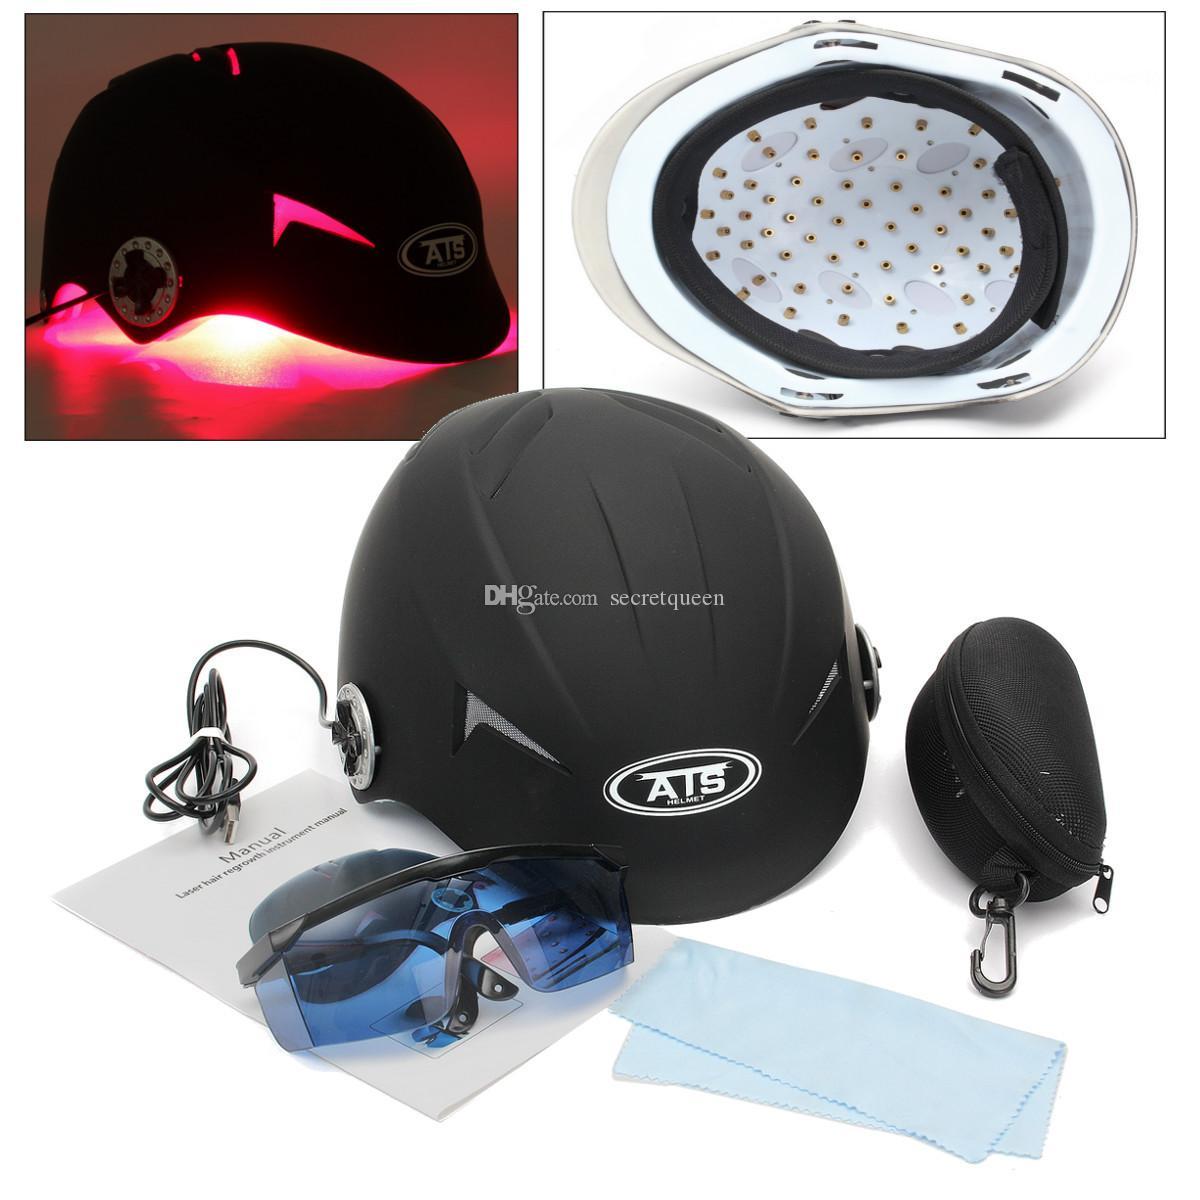 최신 핫 판매 휴대용 탈모 제품 가정용 헤어 재성장을위한 68 다이오드가있는 레이저 머리 성장 모자를 사용하십시오. 무료 배송